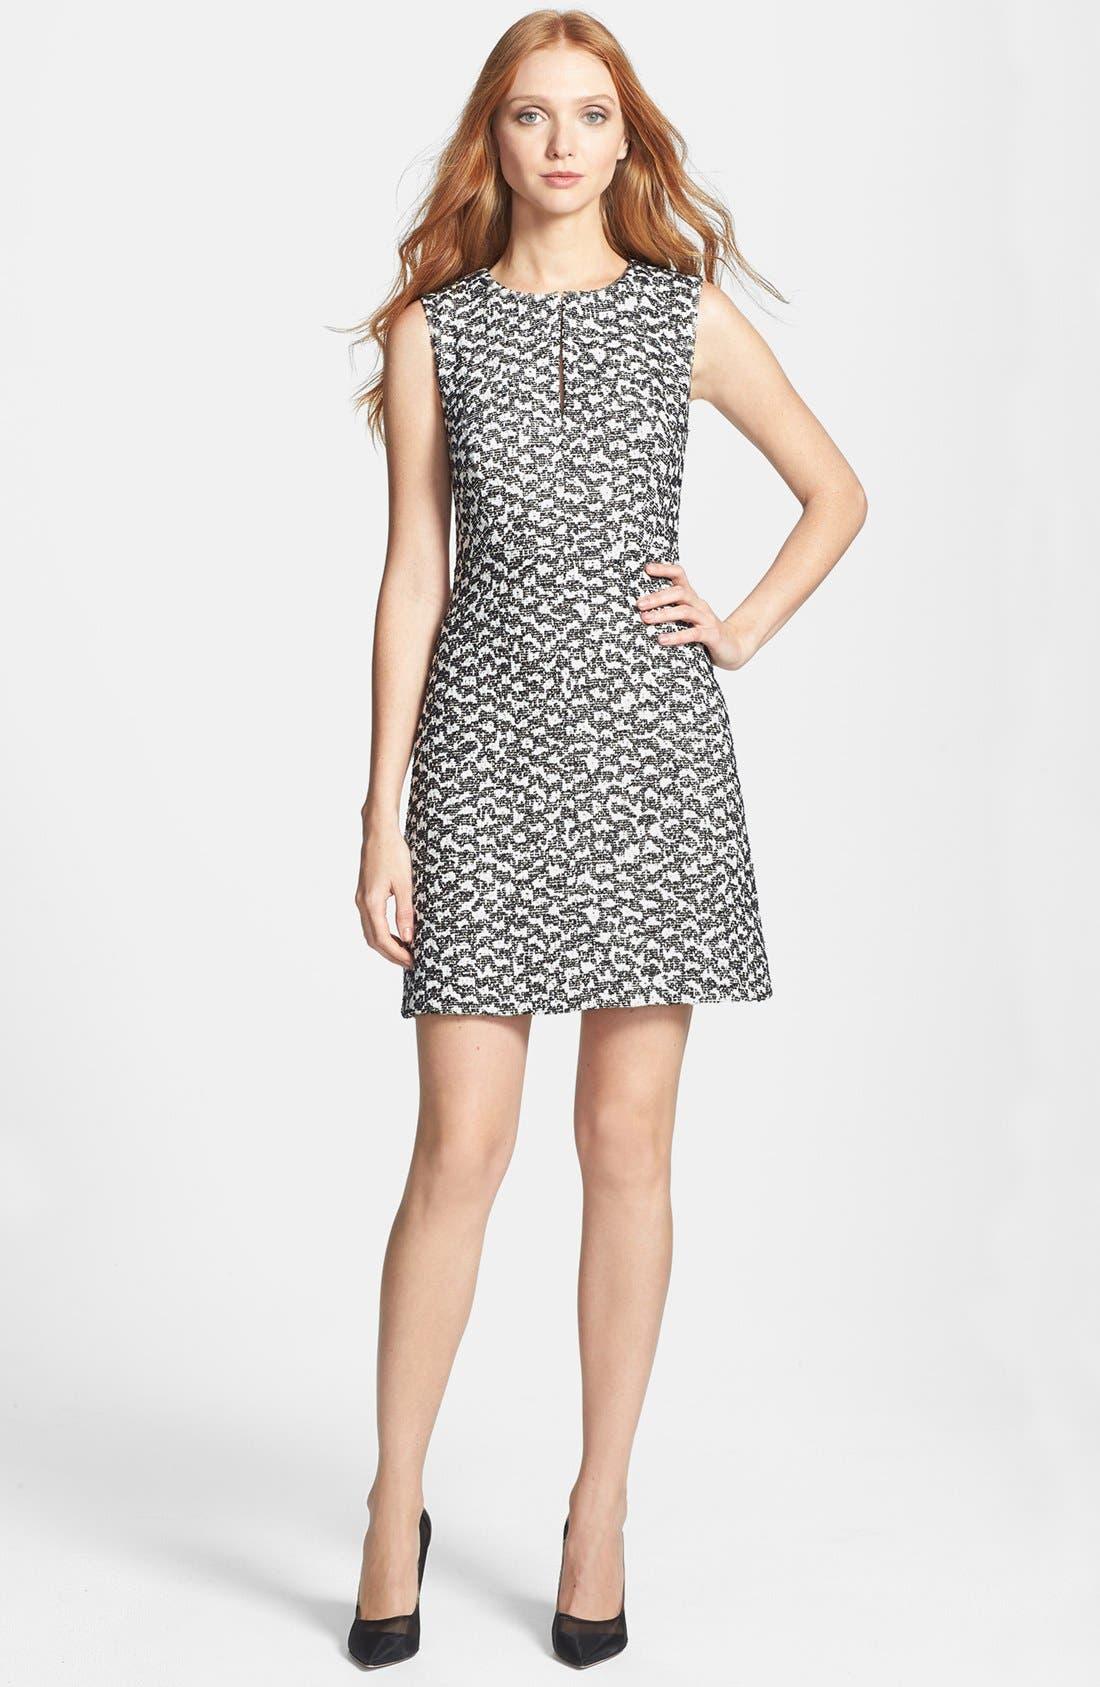 Main Image - Diane von Furstenberg 'Yvette' Cotton Blend A-Line Dress